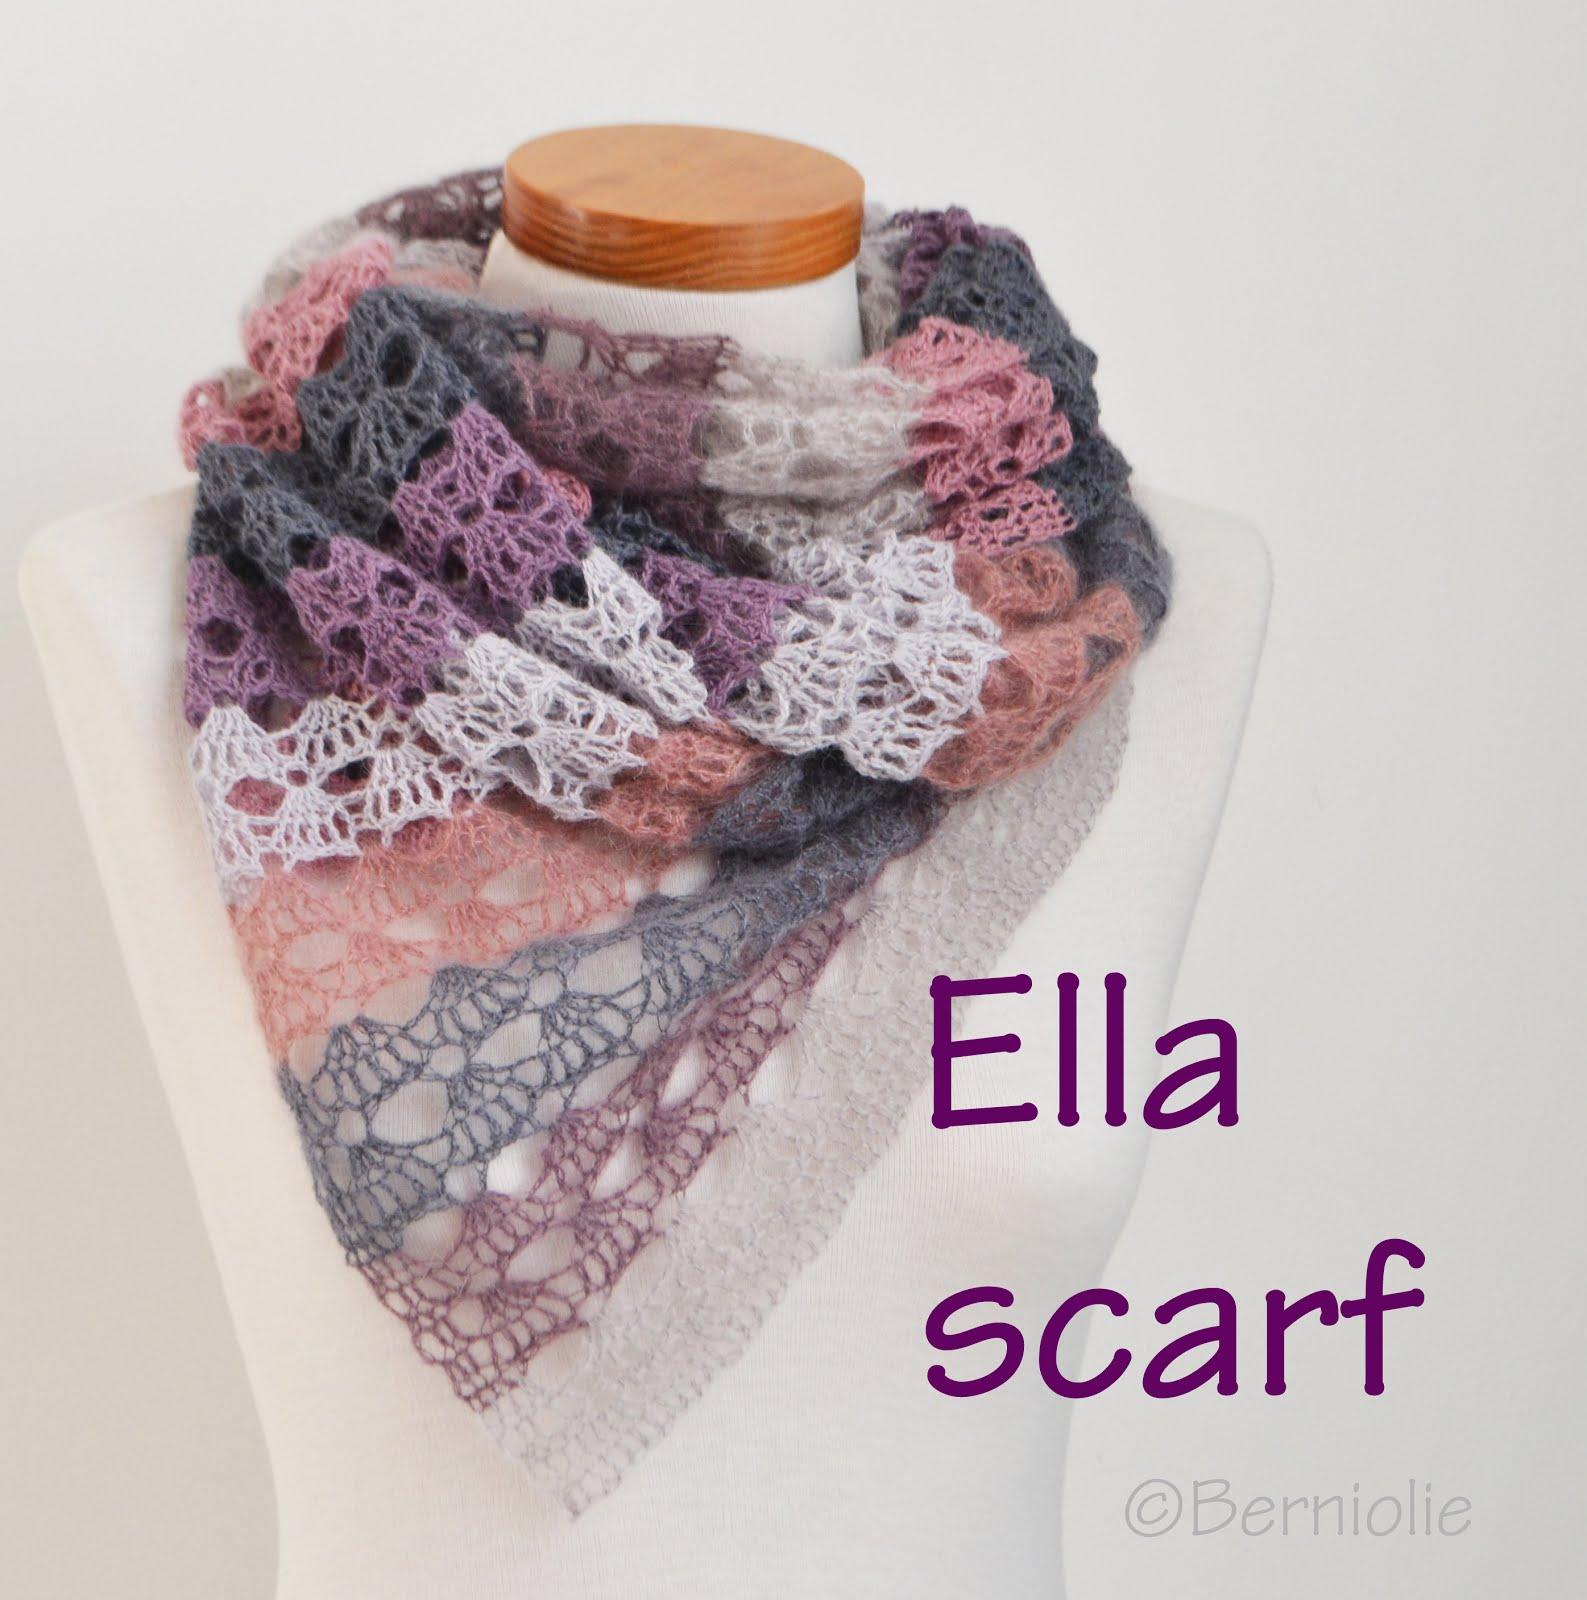 Ella scarf